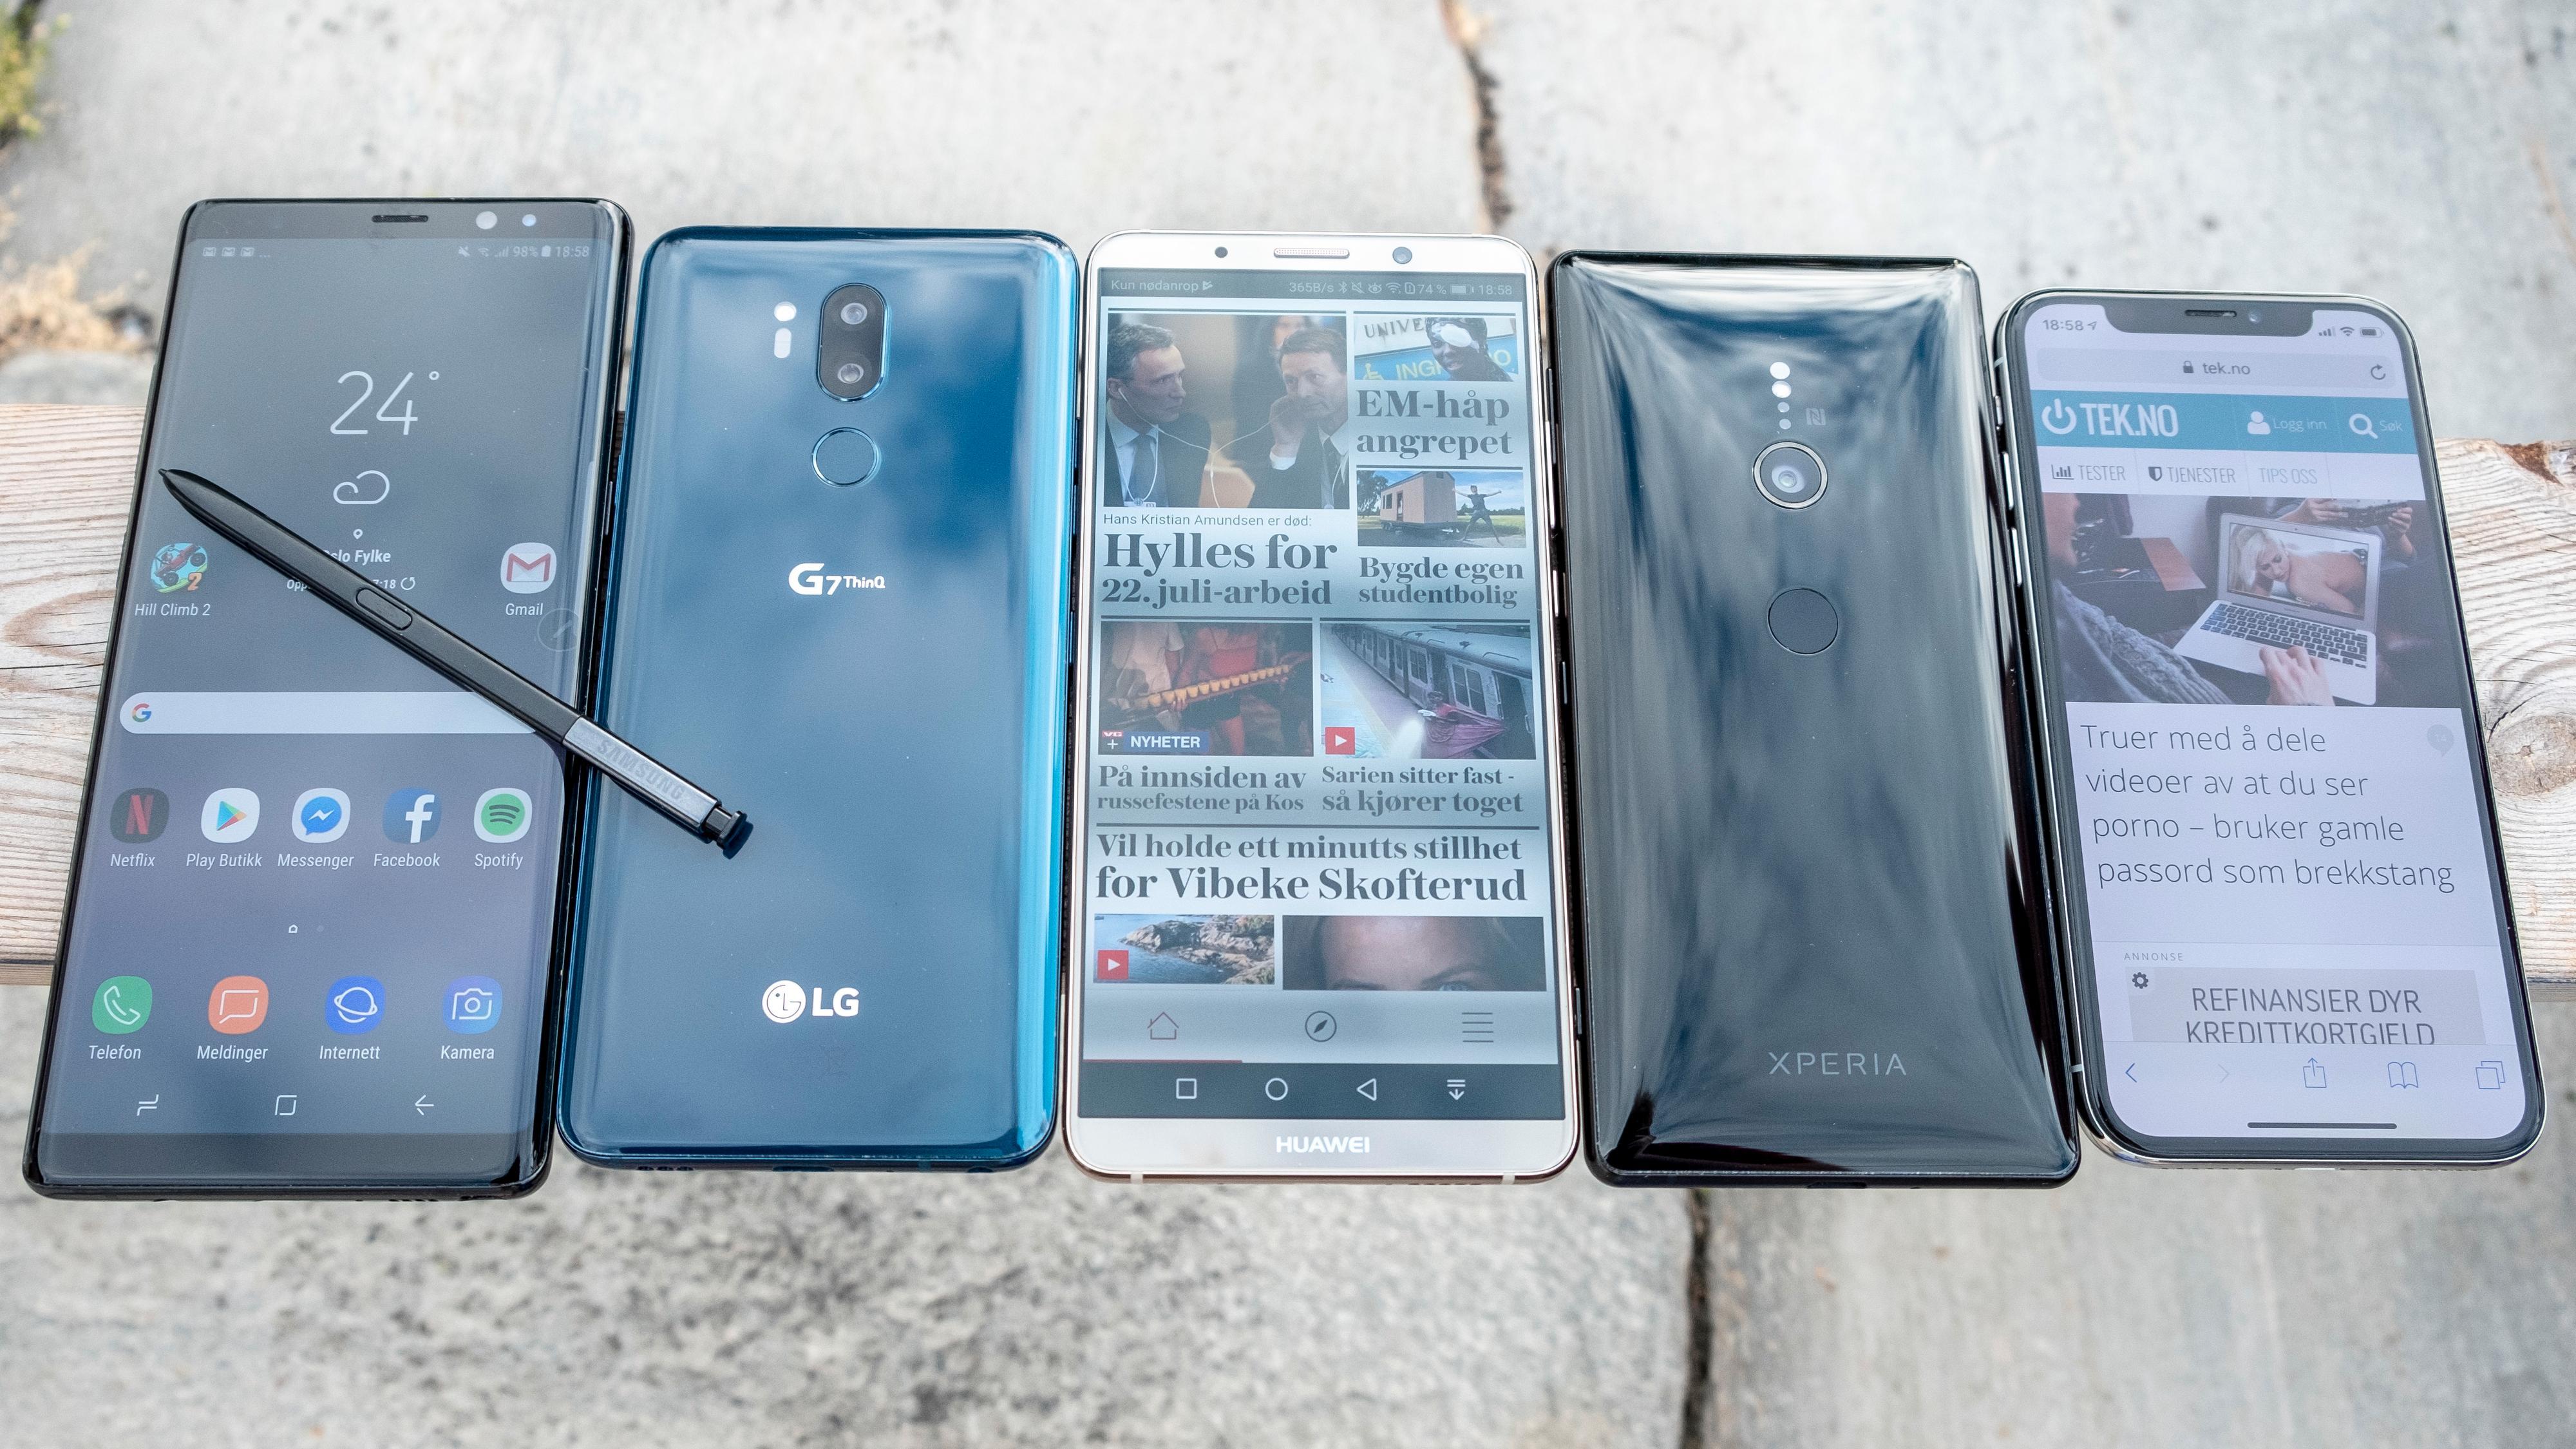 Det er mange om beinet i mobilbransjen, og Huawei puster samsung i nakken.